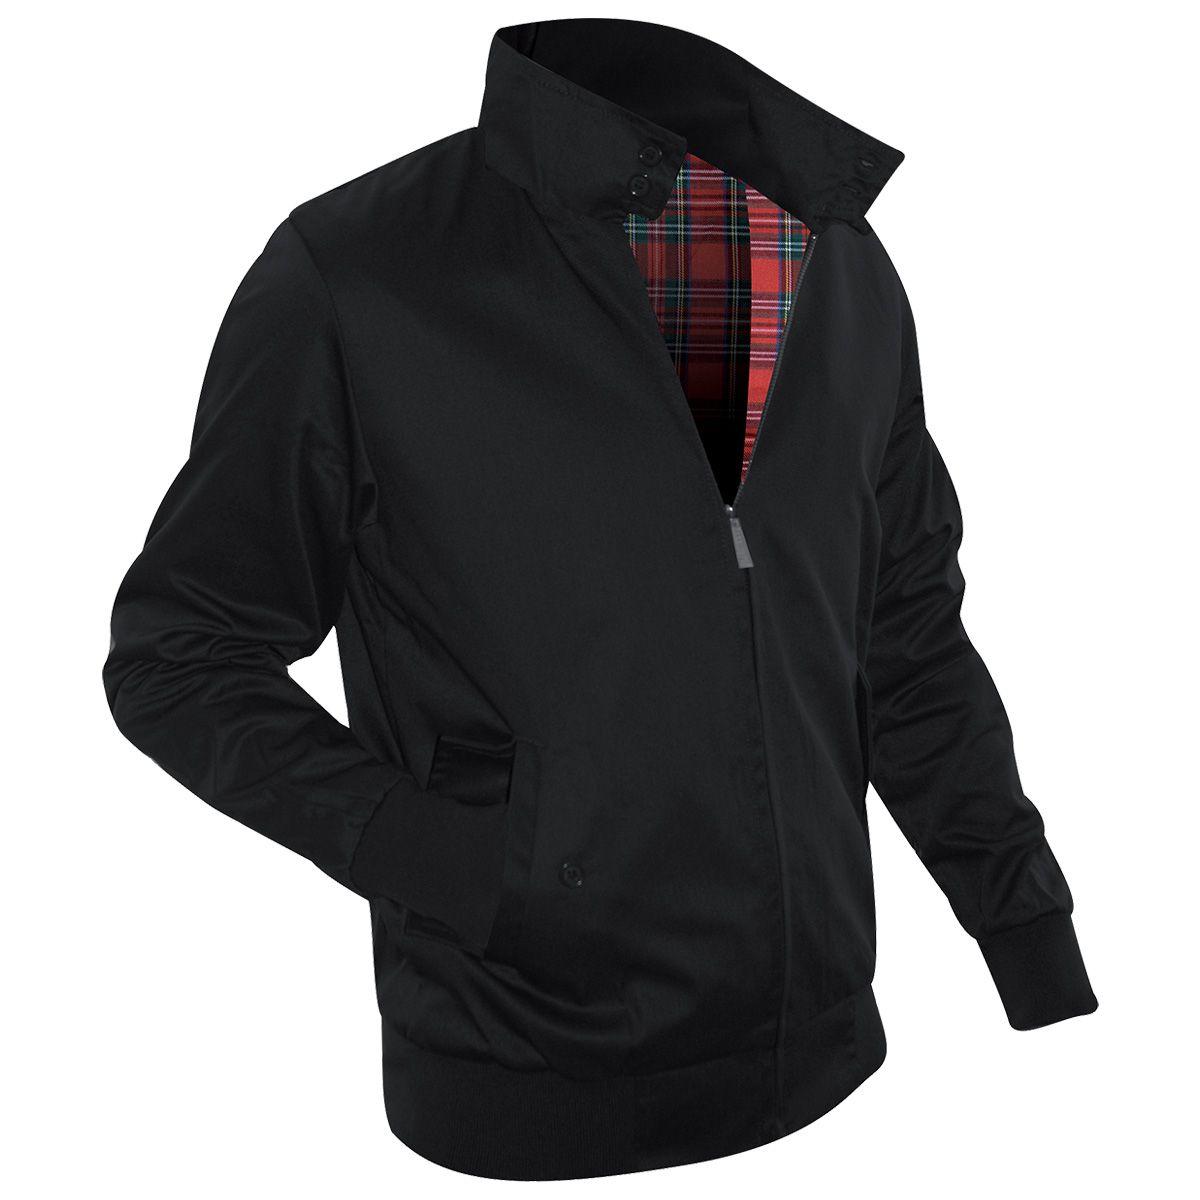 veste harrington noire vestes blousons rock a gogo. Black Bedroom Furniture Sets. Home Design Ideas